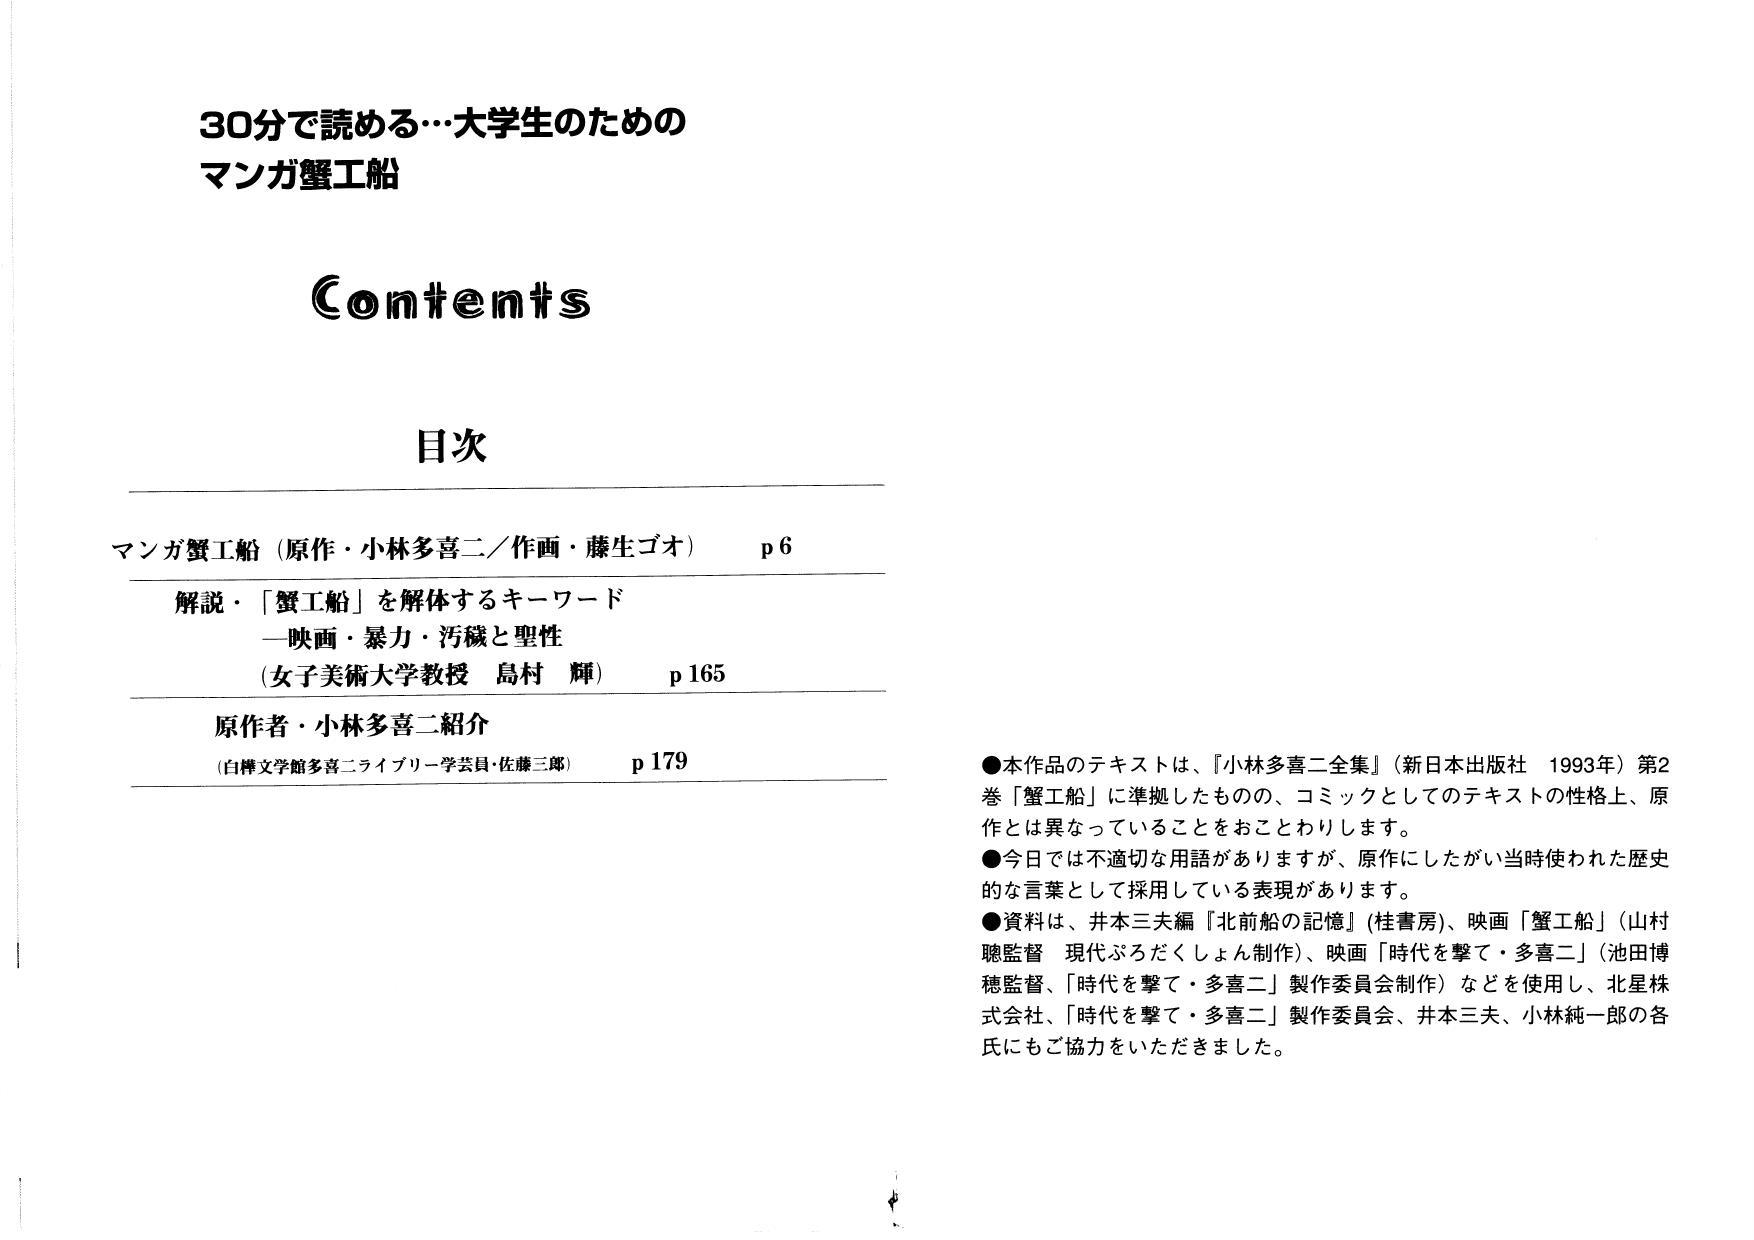 kani_cmc_000002.jpg